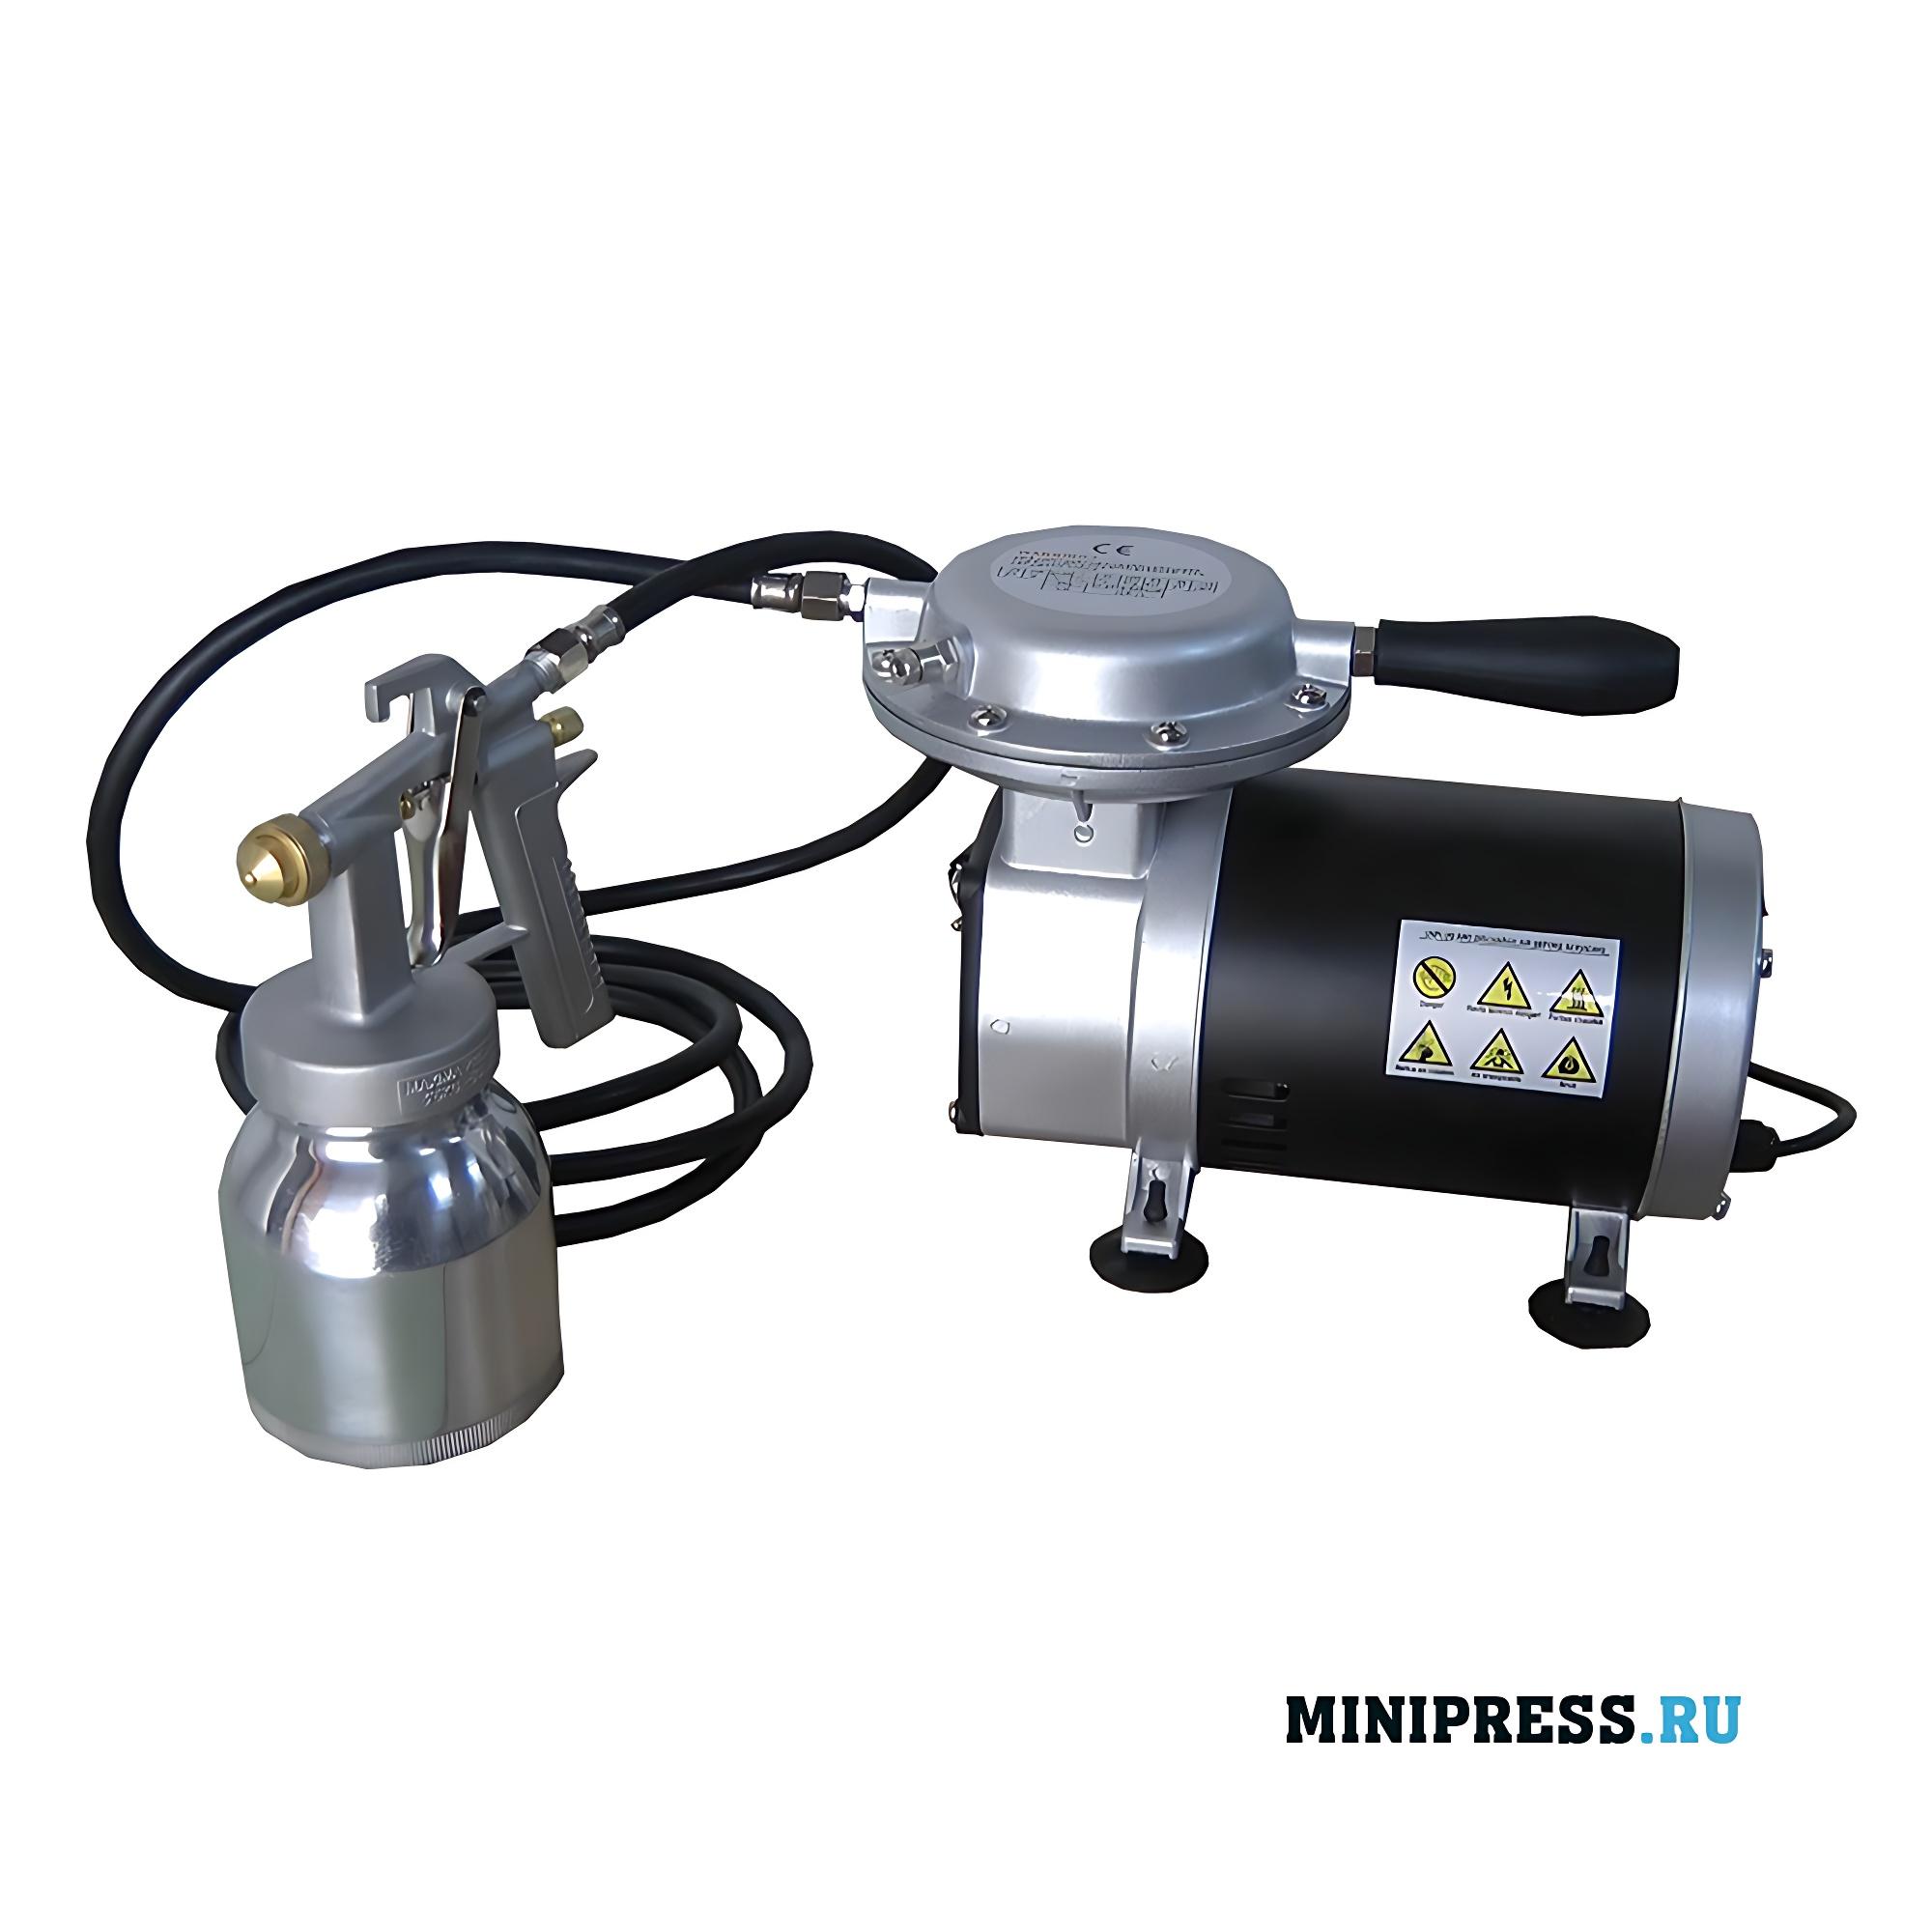 Распылитель с компрессором для аэрографии и нанесения оболочек